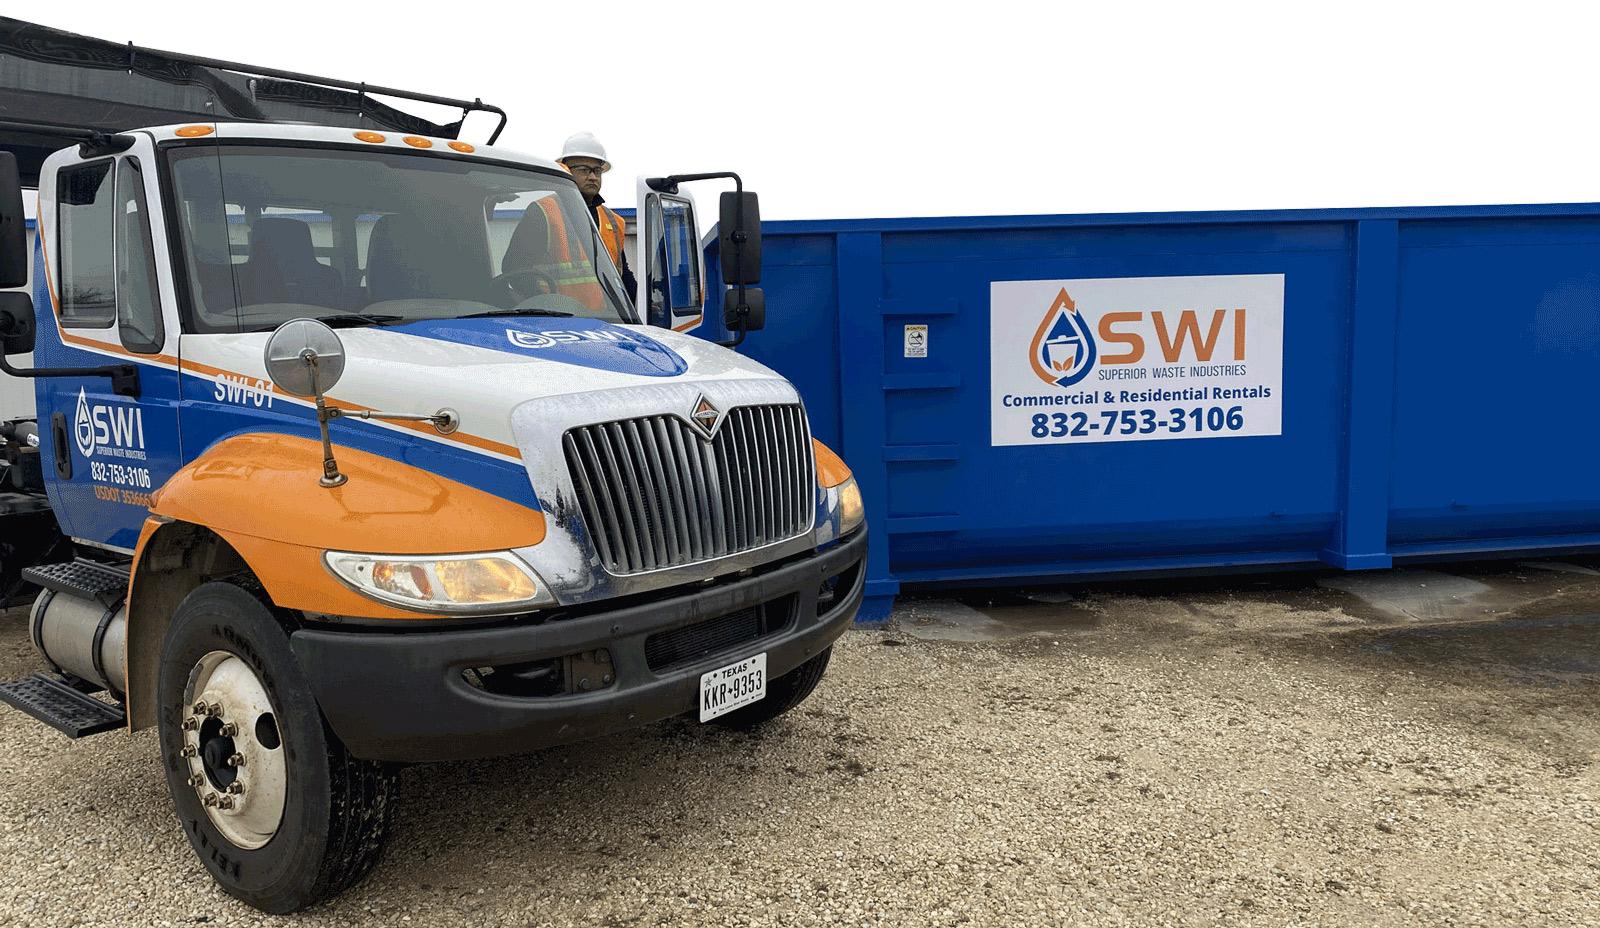 Superior Waste Industries